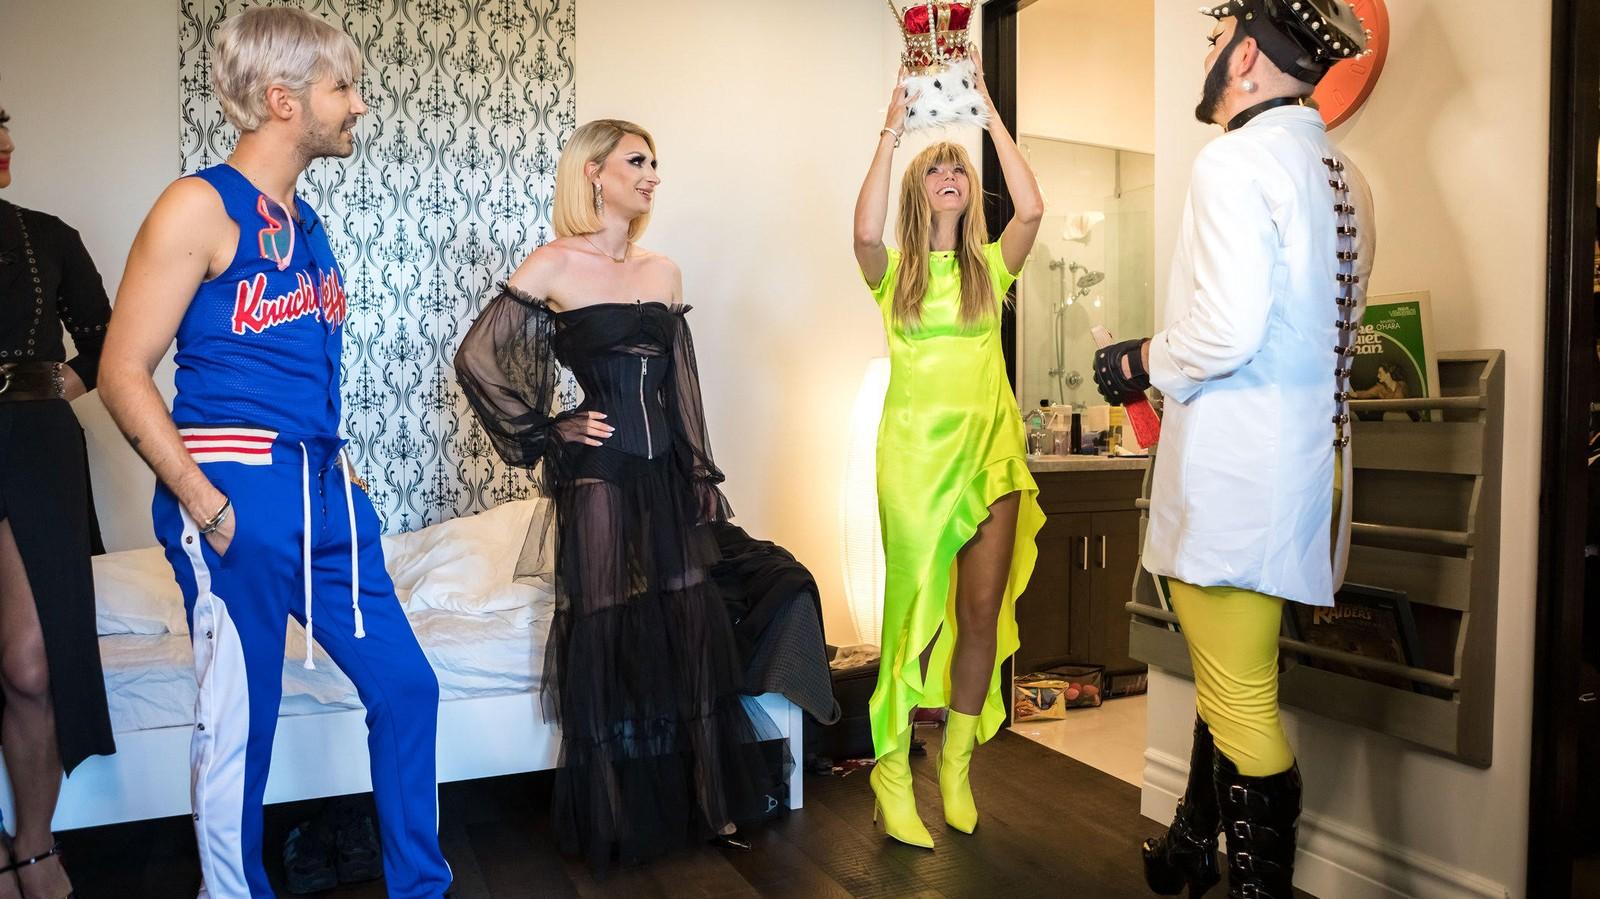 Wir haben 'Queen of Drags' mit Dragqueens geschaut